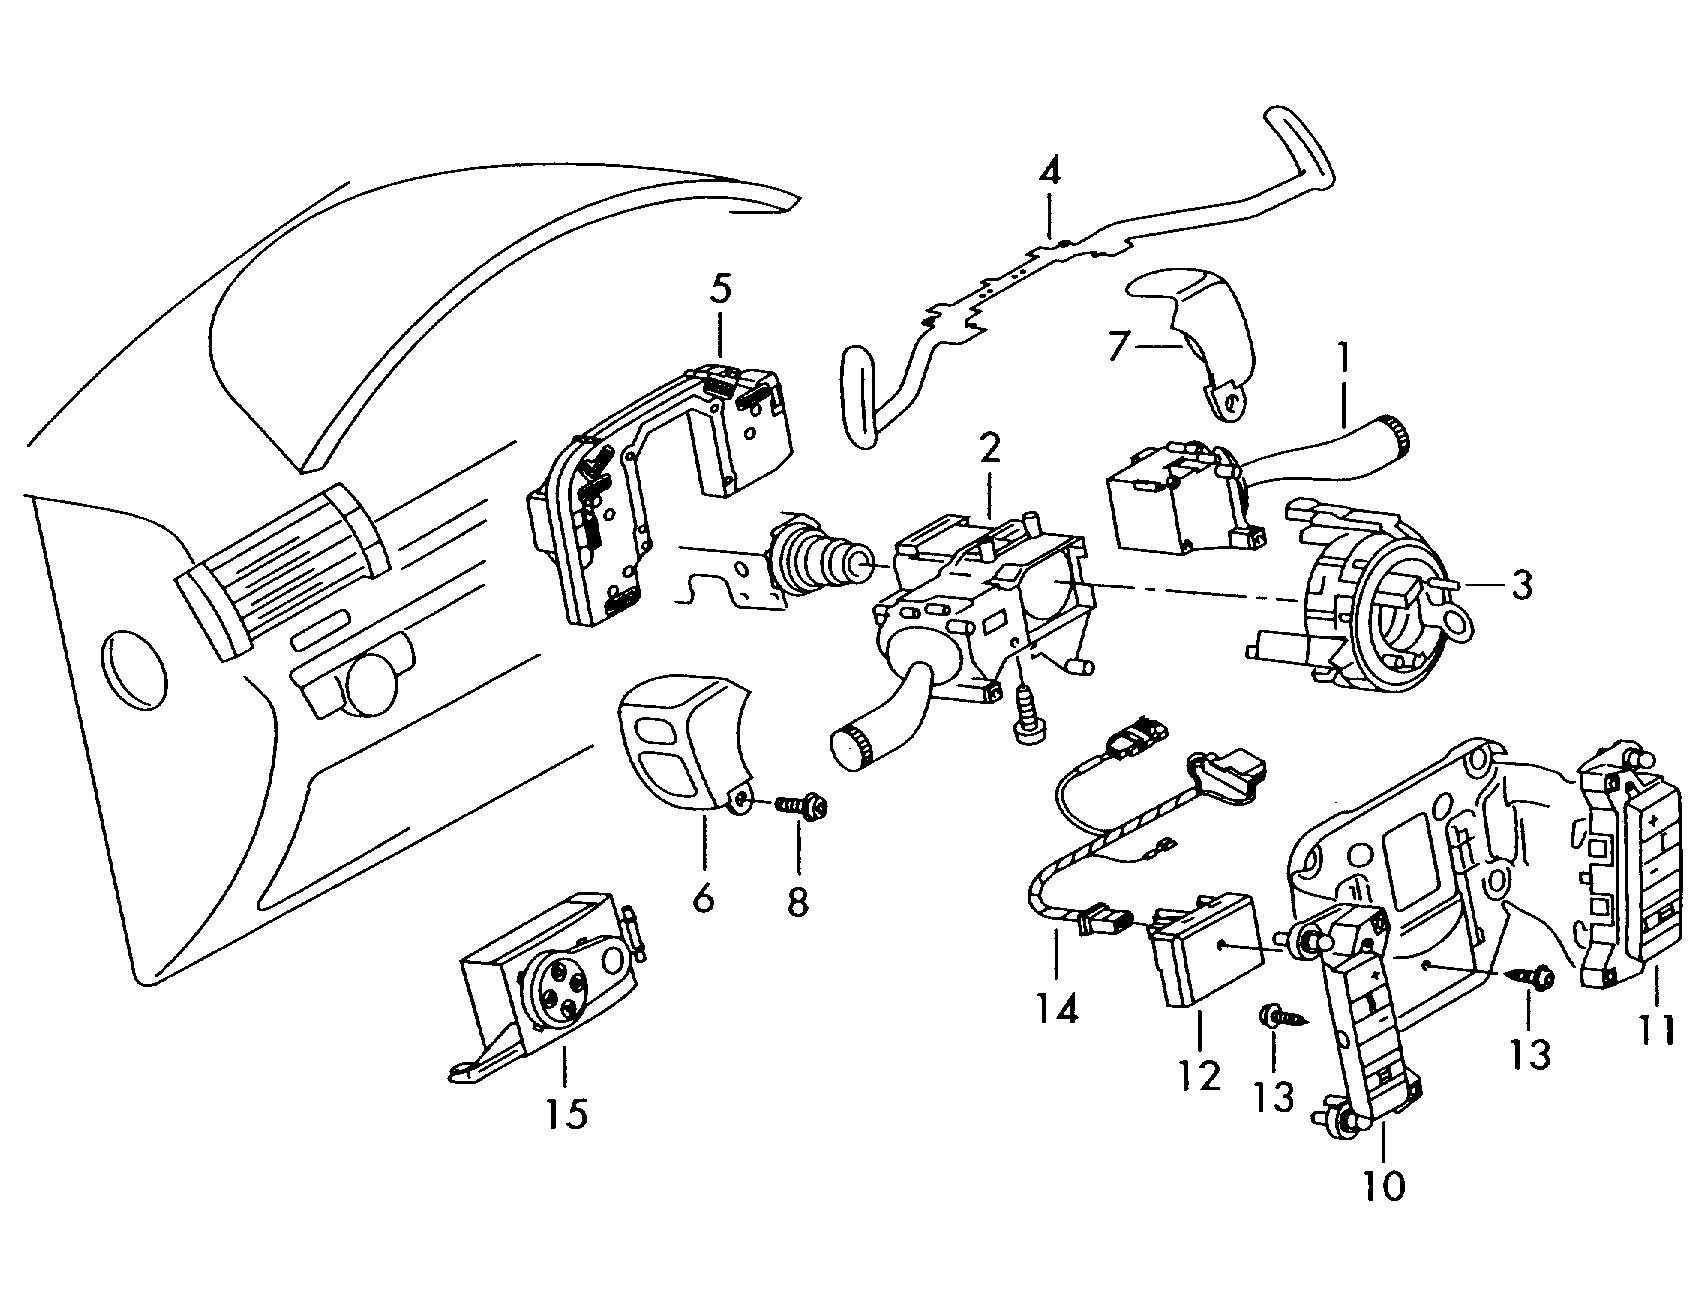 Volkswagen Phaeton Steering column multi-switch